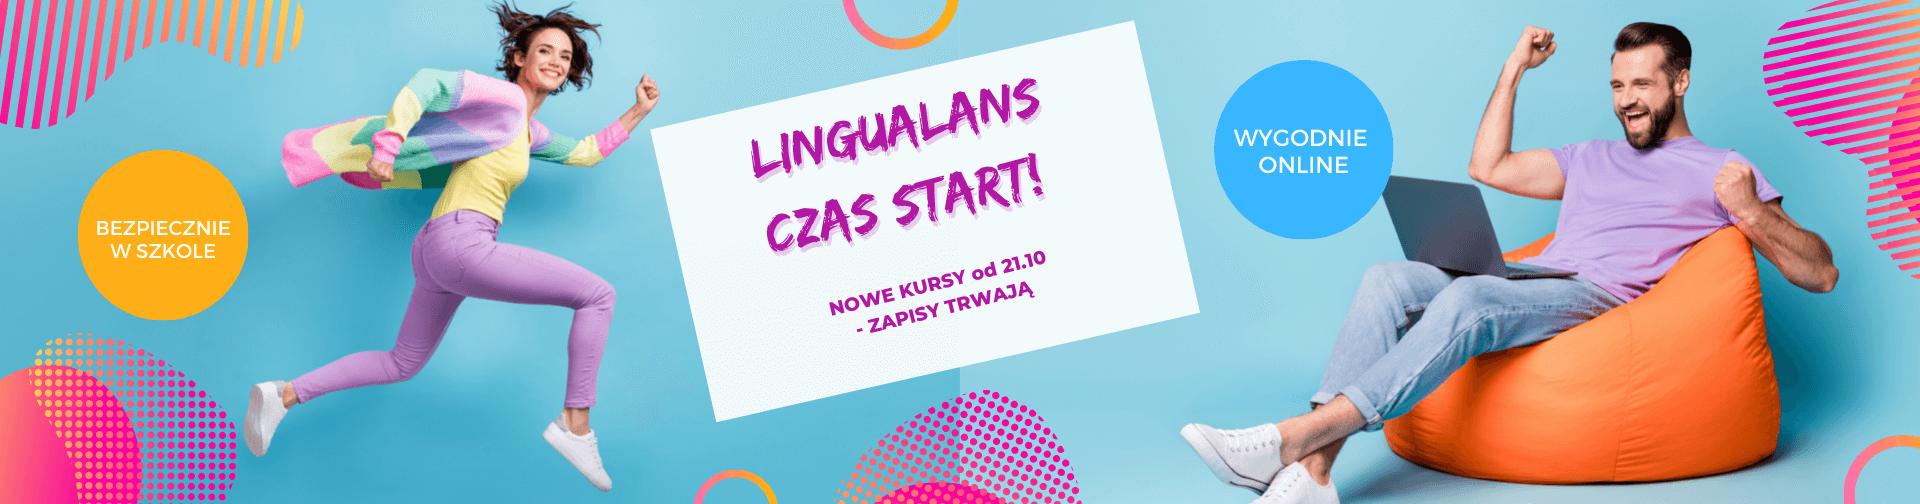 Szkoła Języków Obcych Lingualand - pora na wakacyjny Lingualans